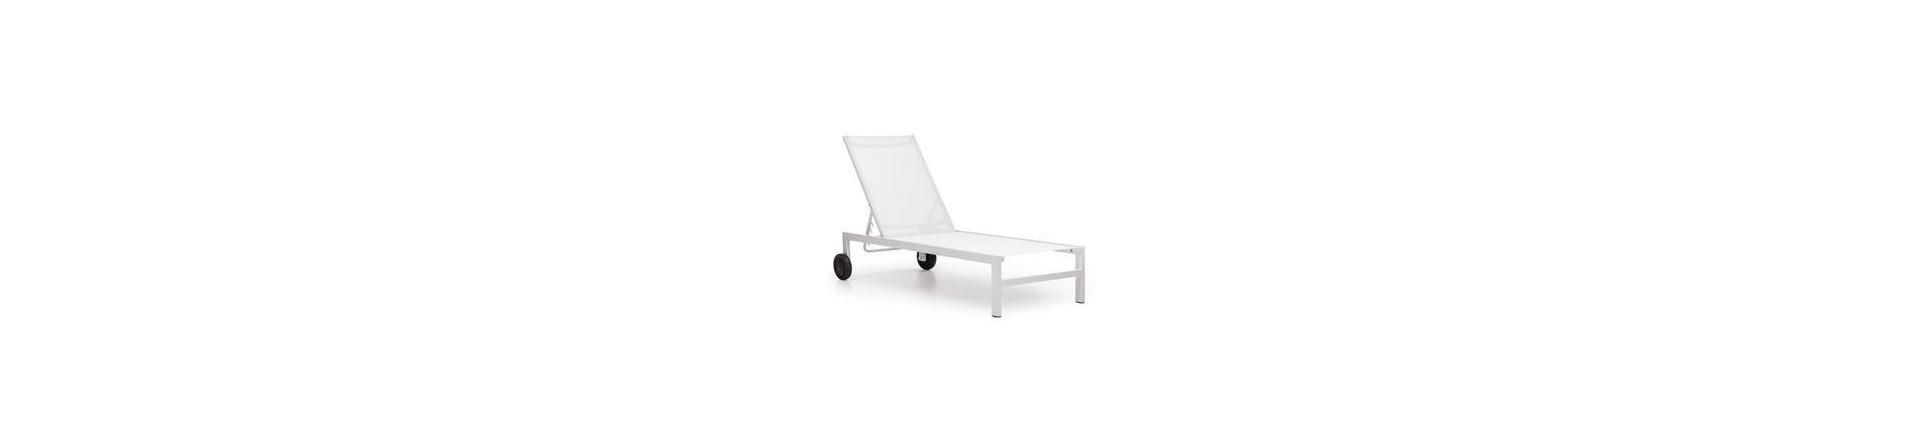 Mobiliario de al aire libre incluyendo tumbonas, sofás, sillas y mesas